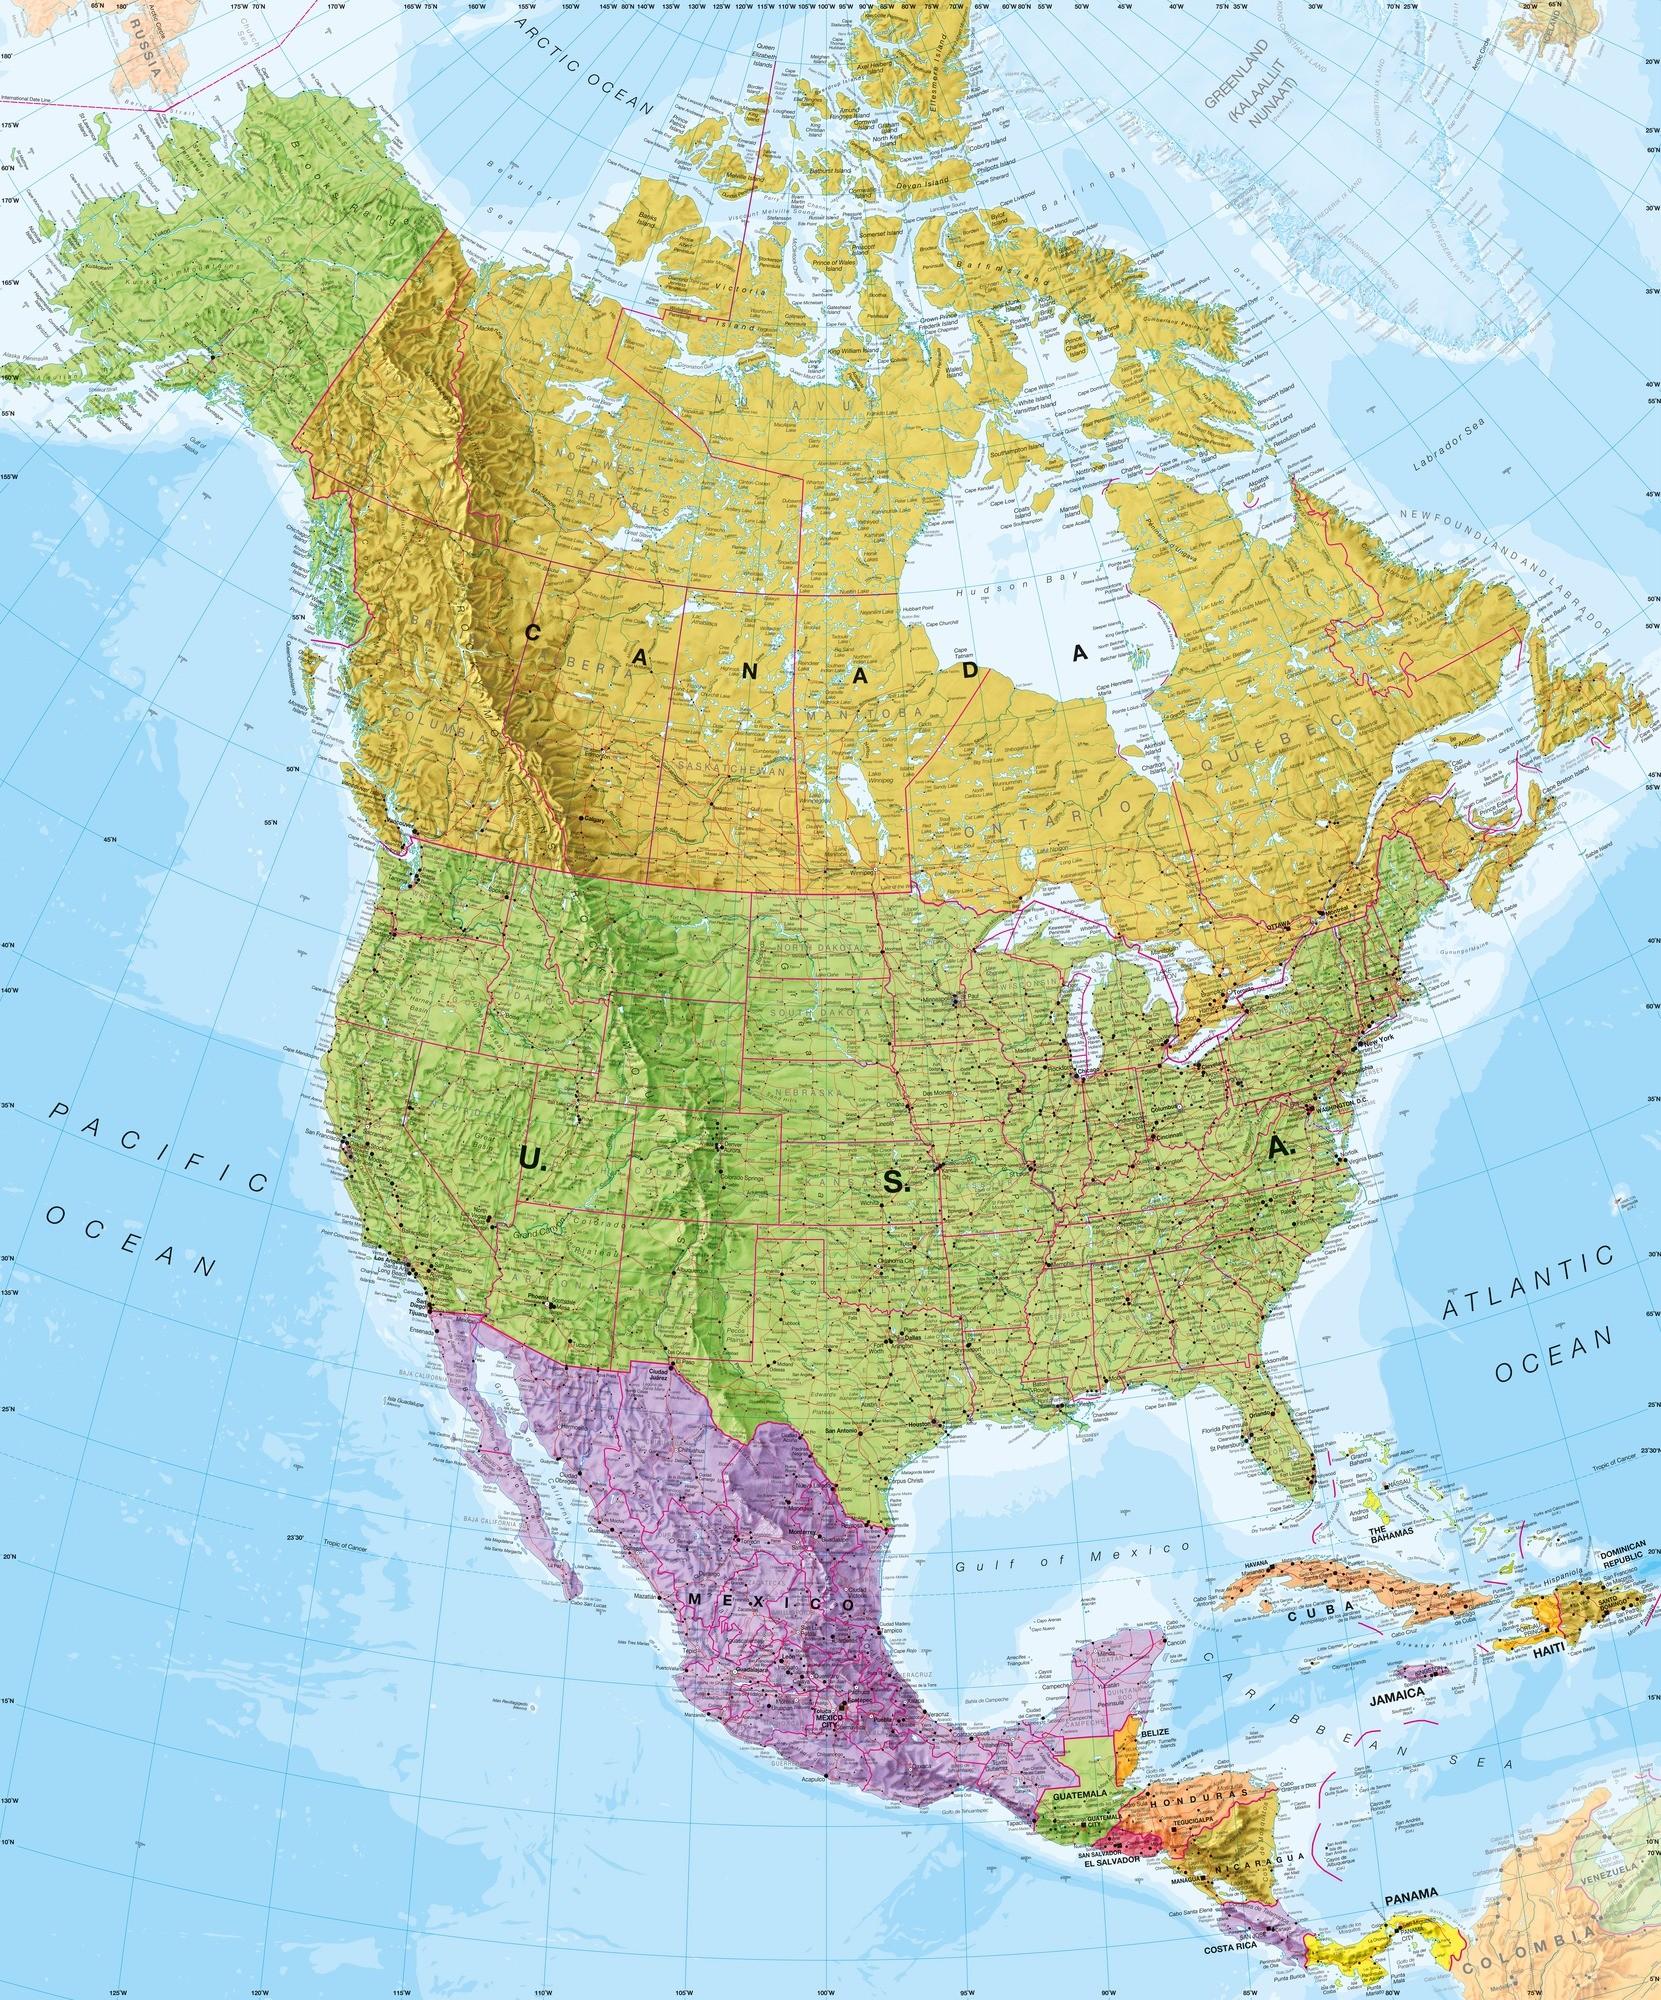 29 America Map Wallpapers On Wallpapersafari